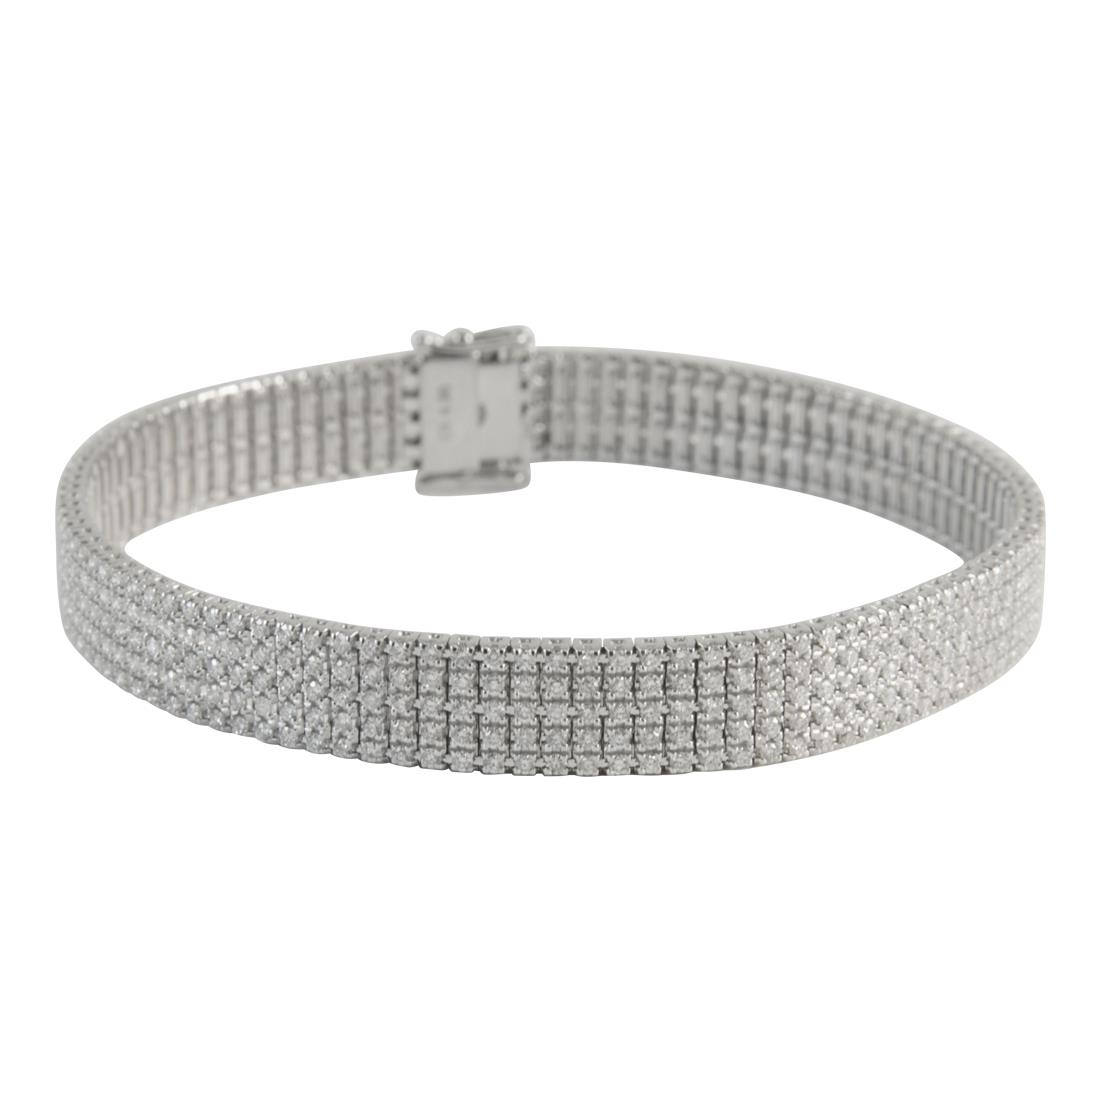 Bracciale unito 5 file in oro bianco con diamanti ct 4.30 - ALFIERI ST JOHN